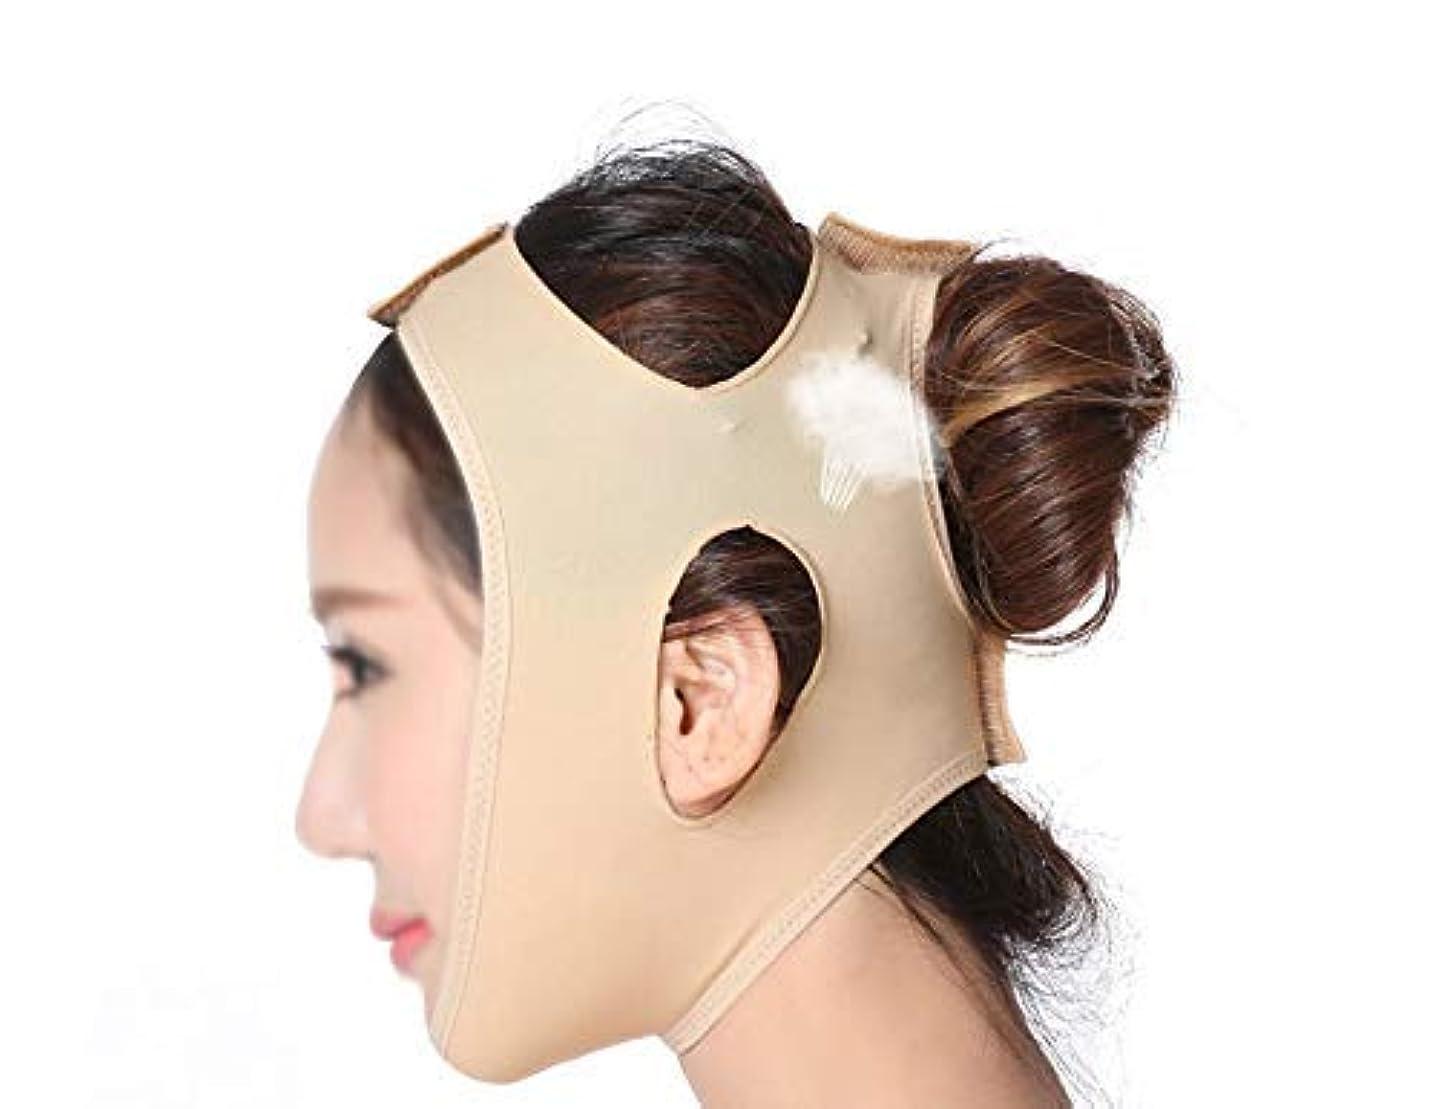 ラッシュ地区タール引き締めフェイスマスク、フェイシャルマスク睡眠薄型フェイス包帯薄型フェイスマスクフェイスリフティングフェイスメロンフェイスVフェイスリフティング引き締めダブルチン美容ツール(サイズ:L)